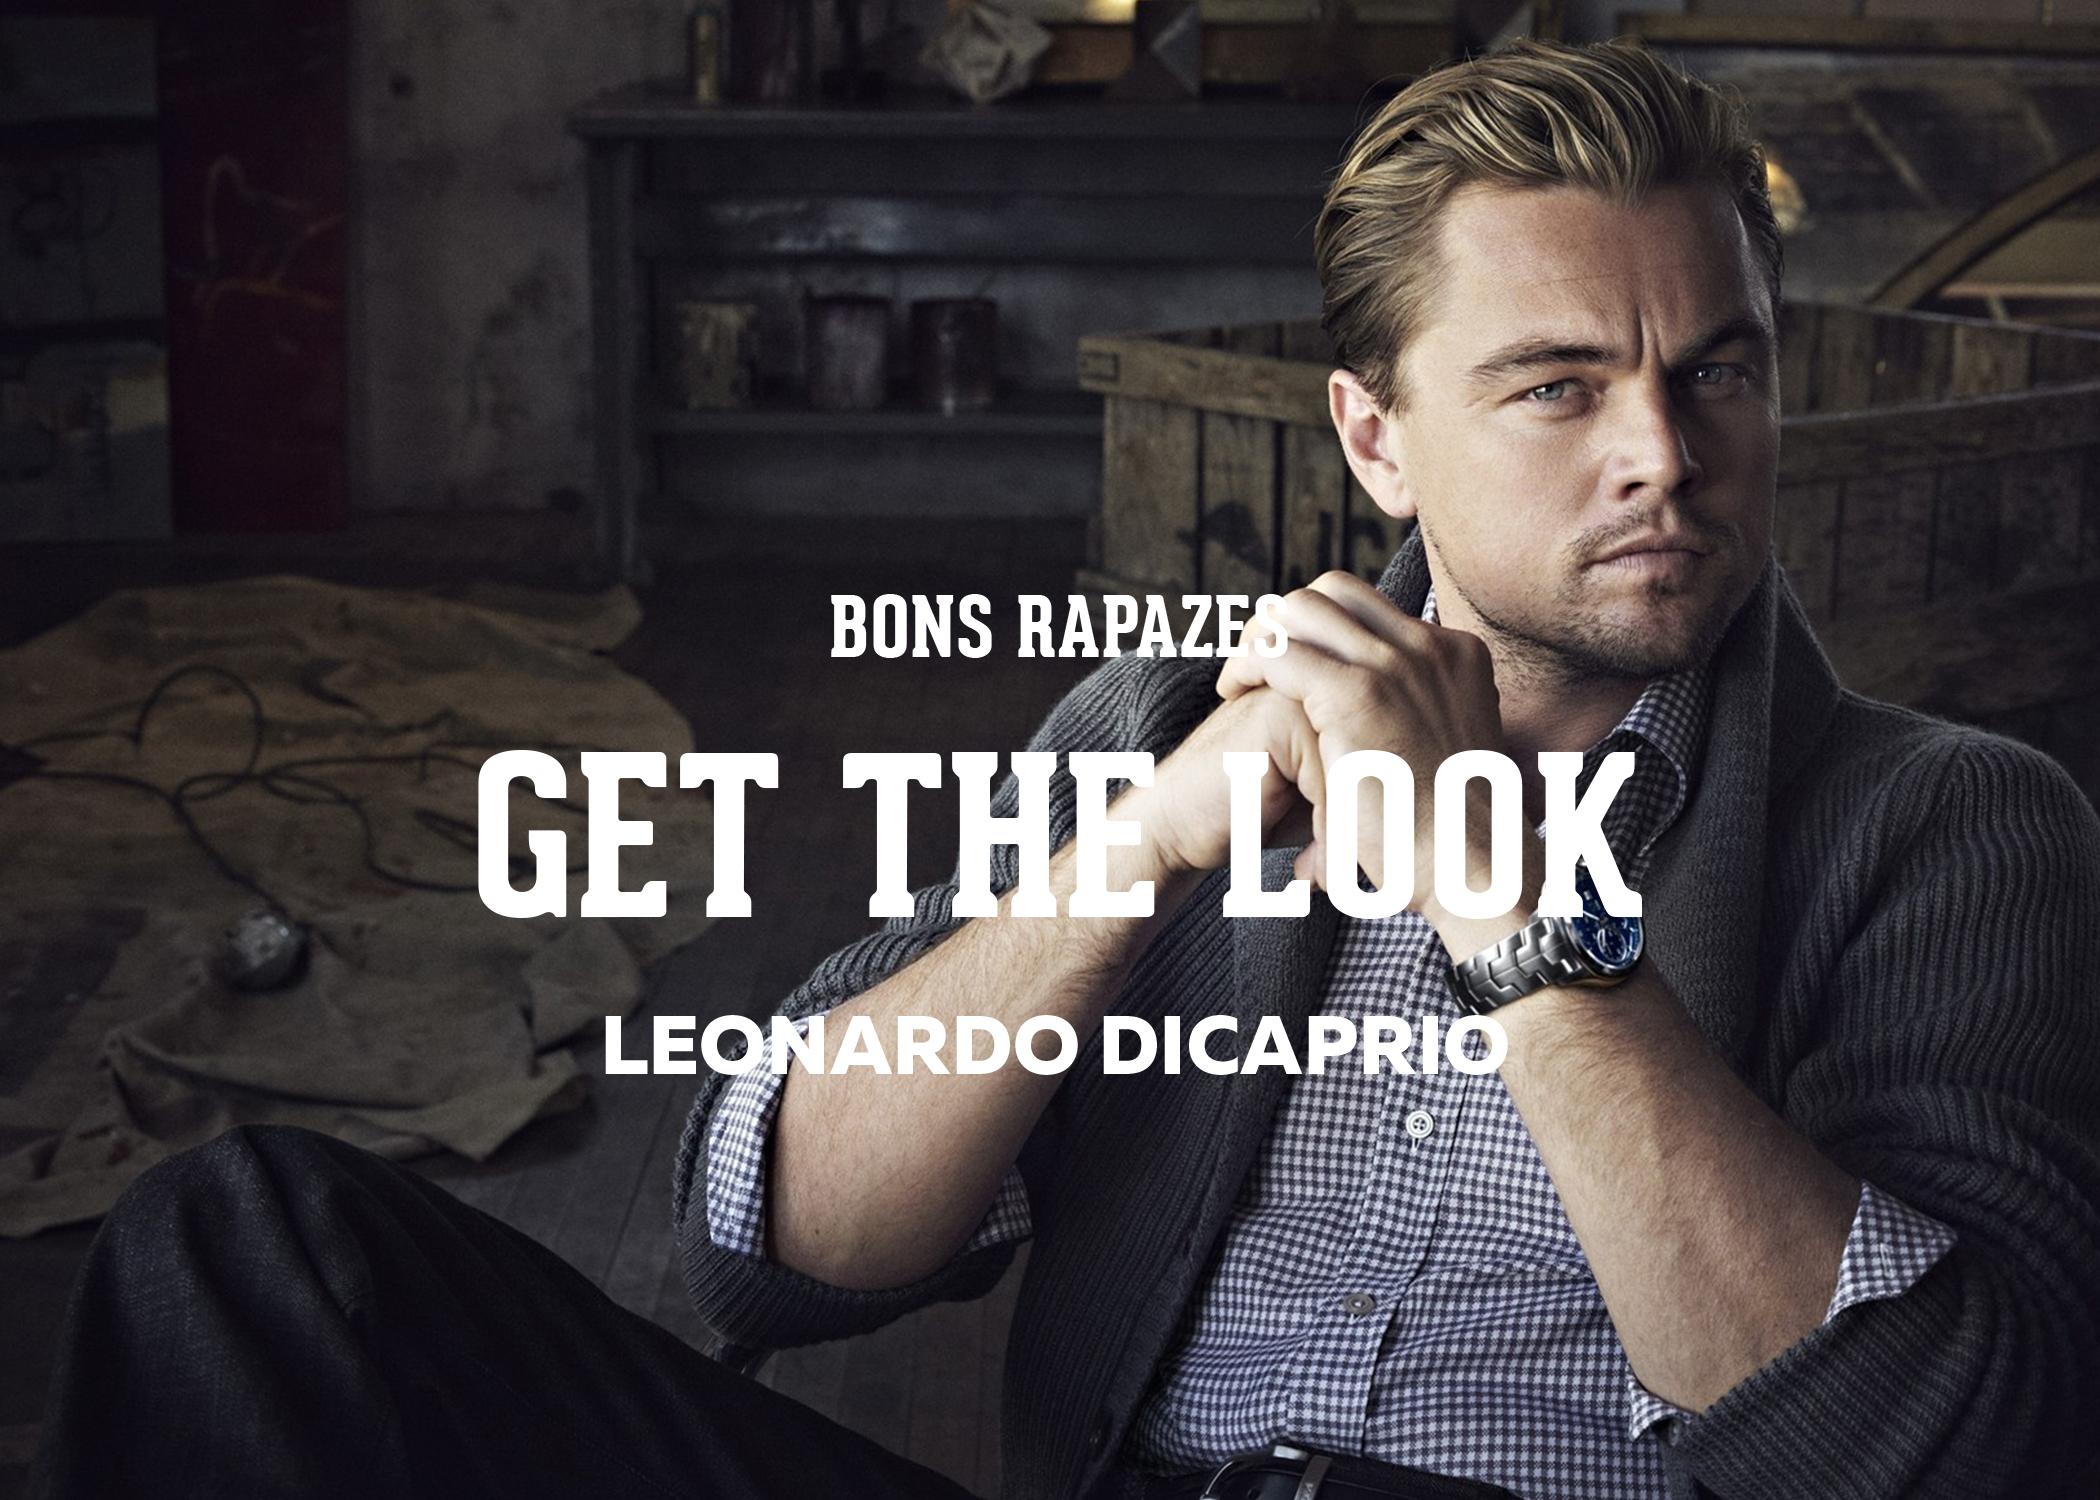 gethelookcaprio_0000_get the look mathew